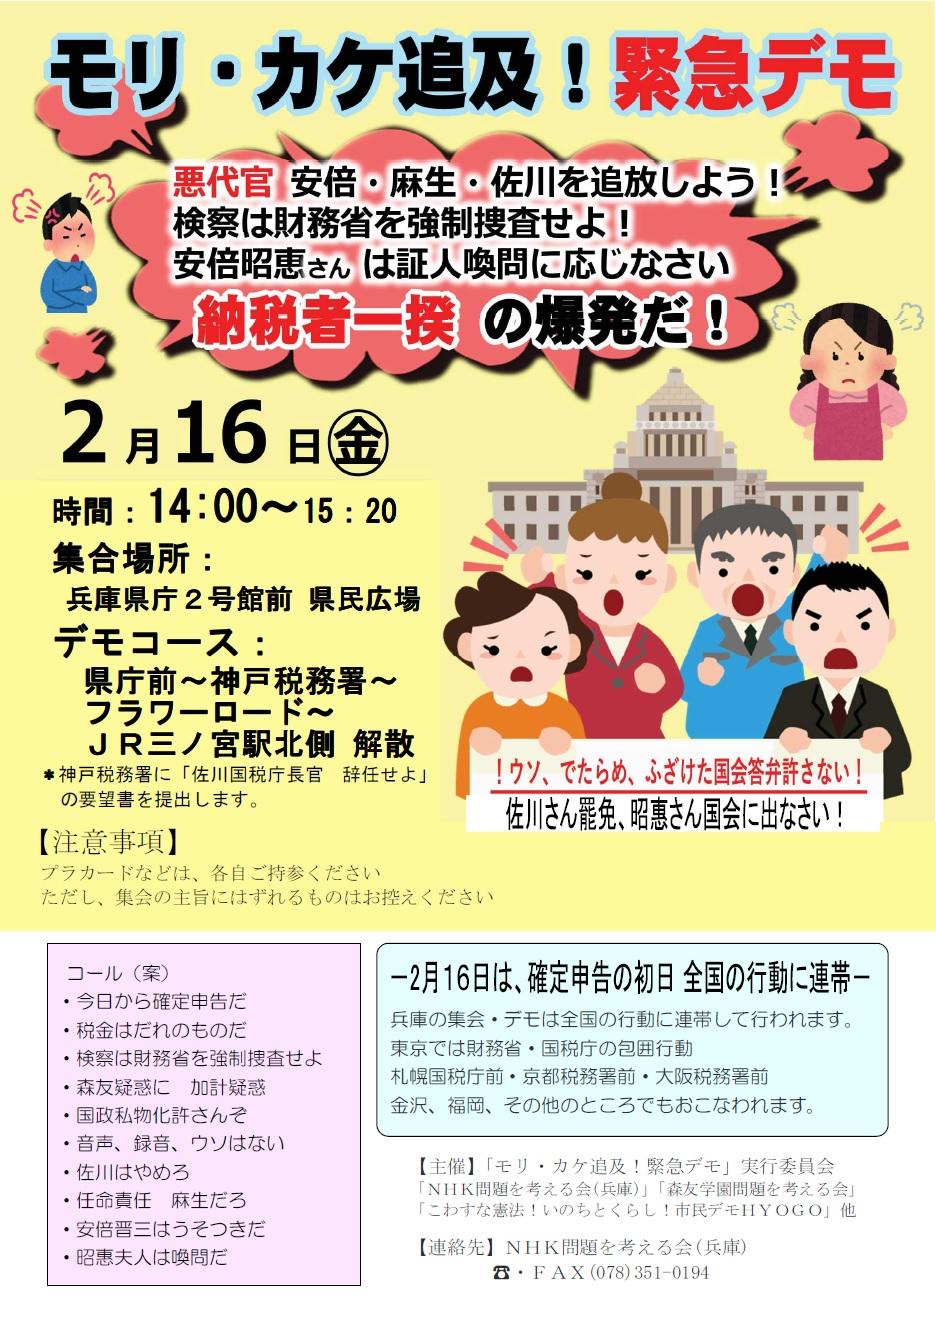 20170216_モリカケ緊急デモ兵庫